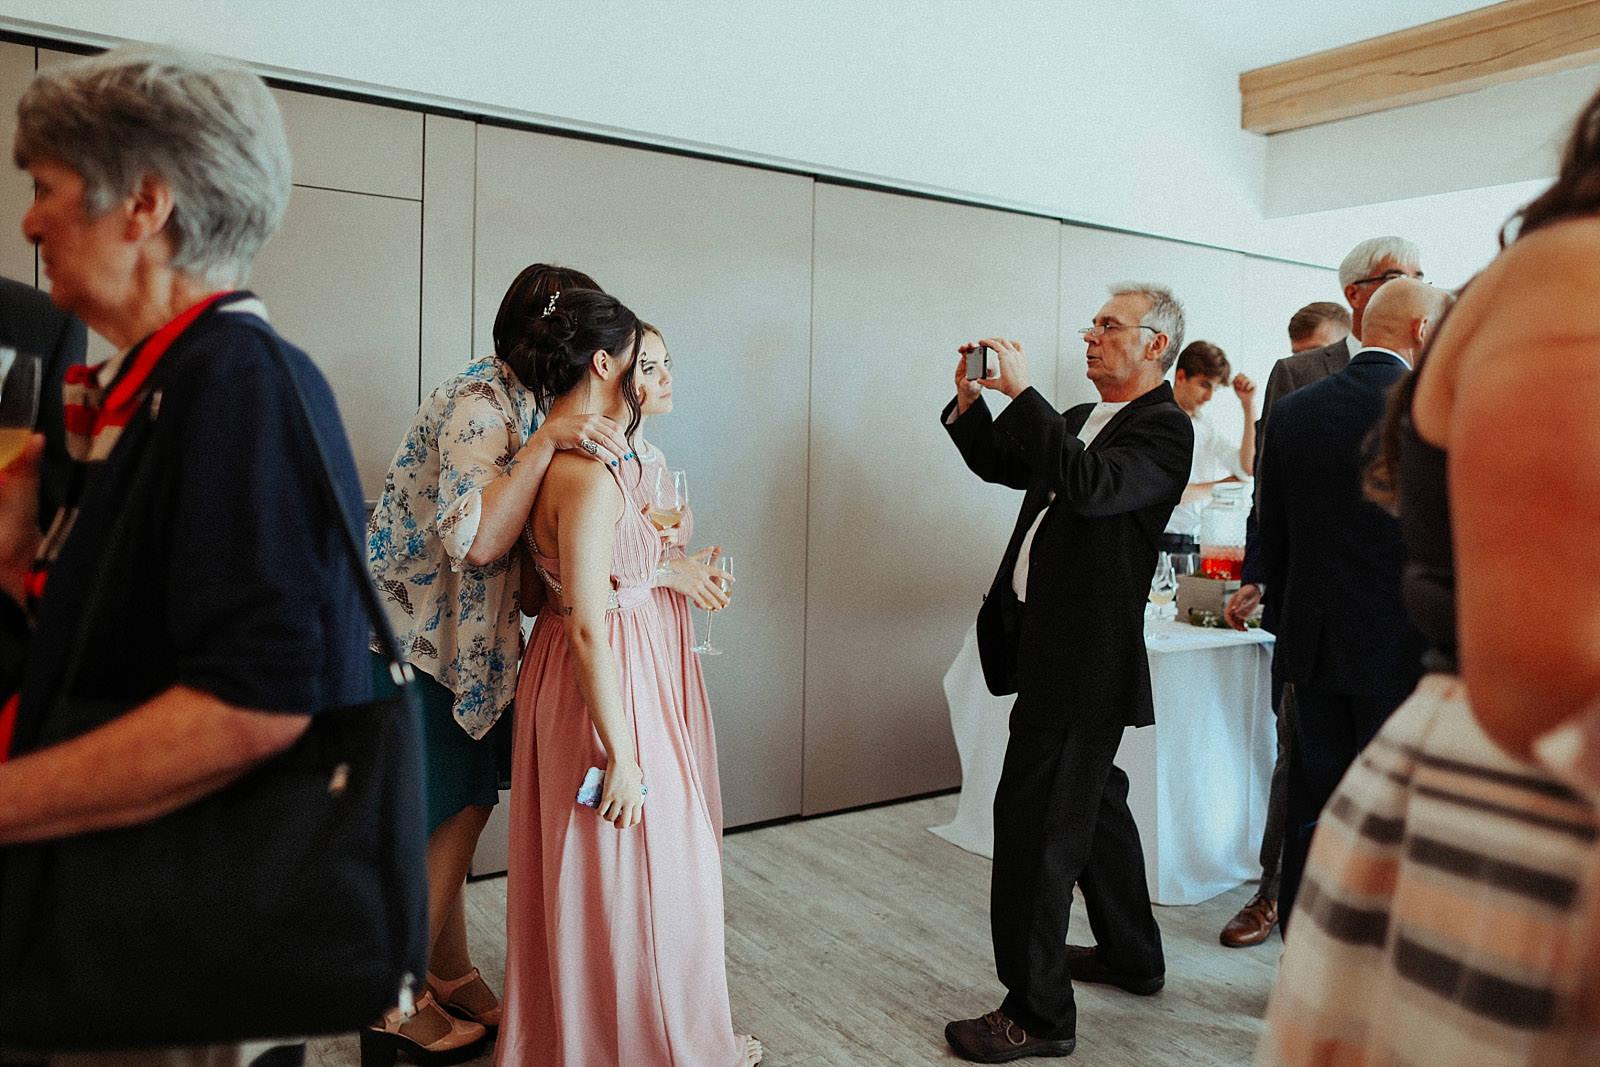 man taking photo at a wedding